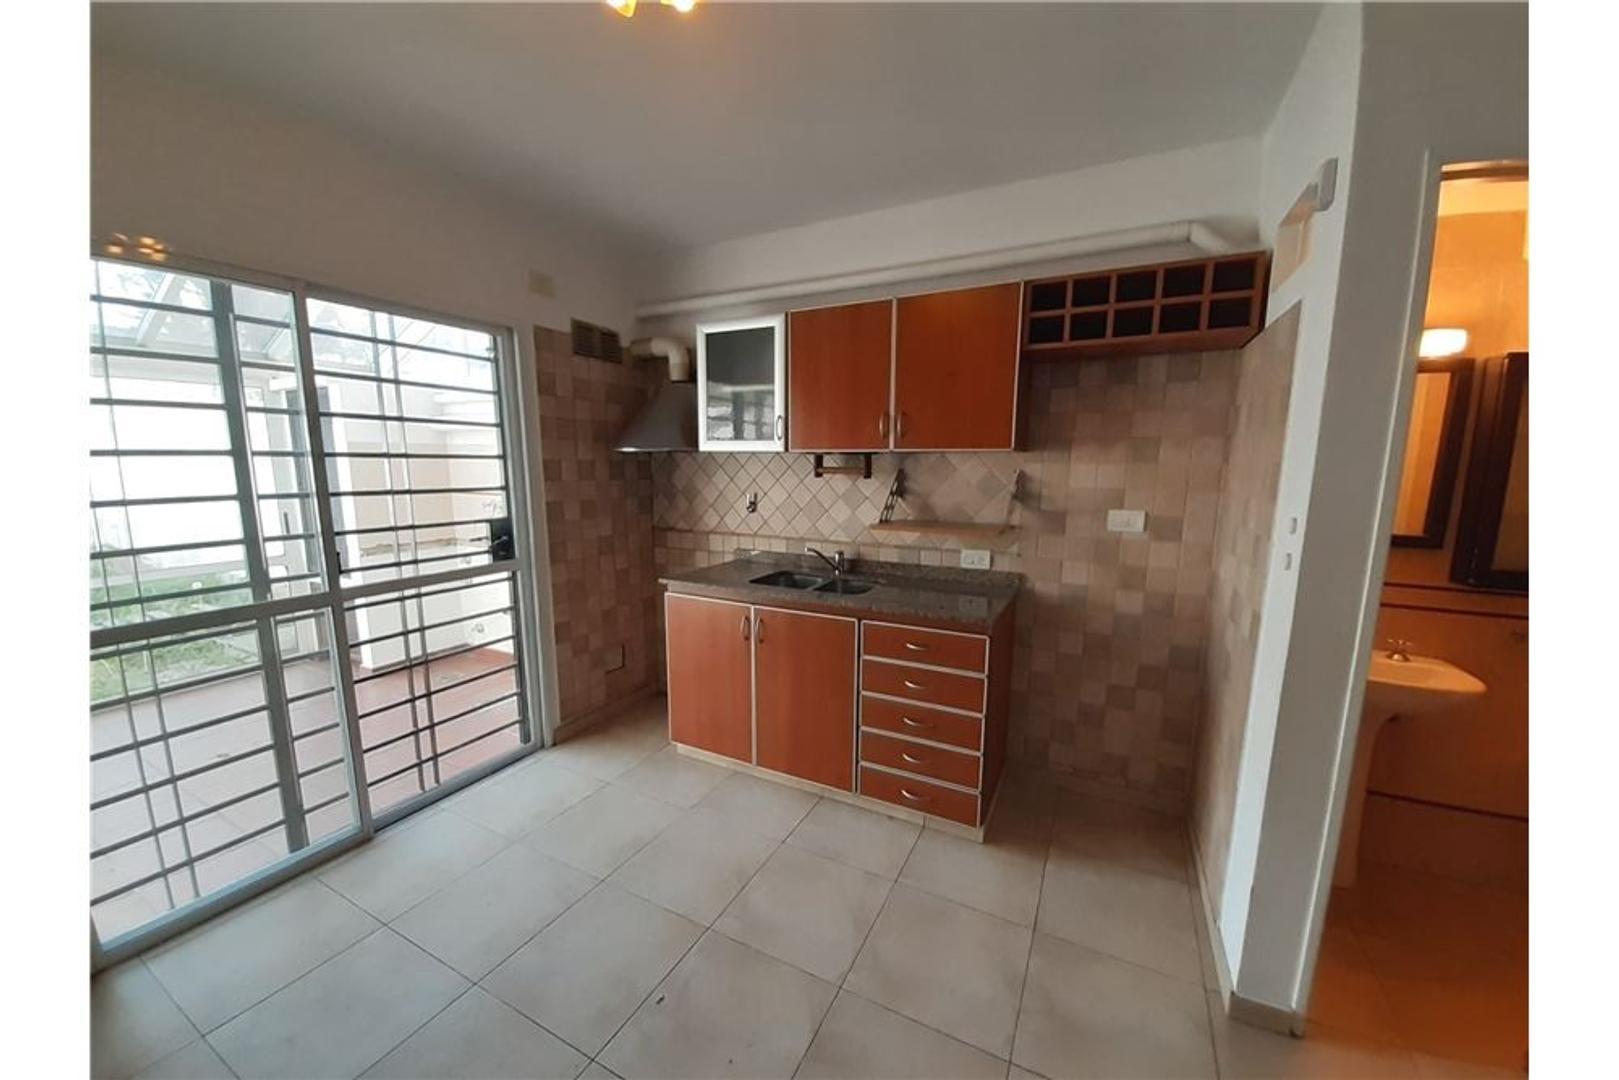 Casa - 69 m²   2 dormitorios   9 años